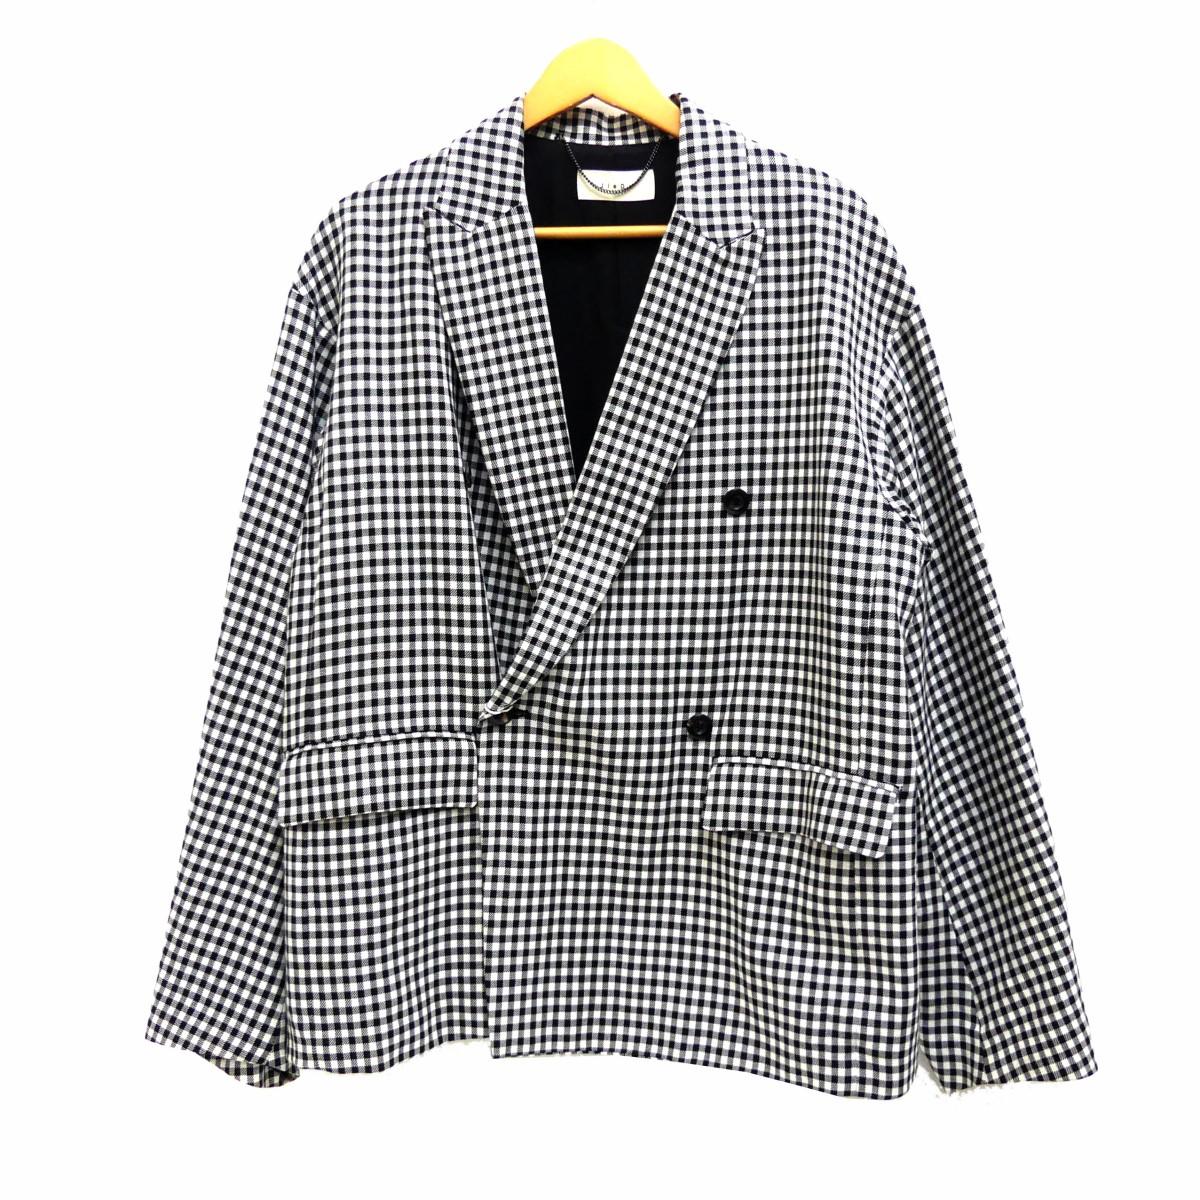 【中古】JieDa19SS ギンガムチェックテーラードジャケット ブラック×ホワイト サイズ:1 【5月14日見直し】